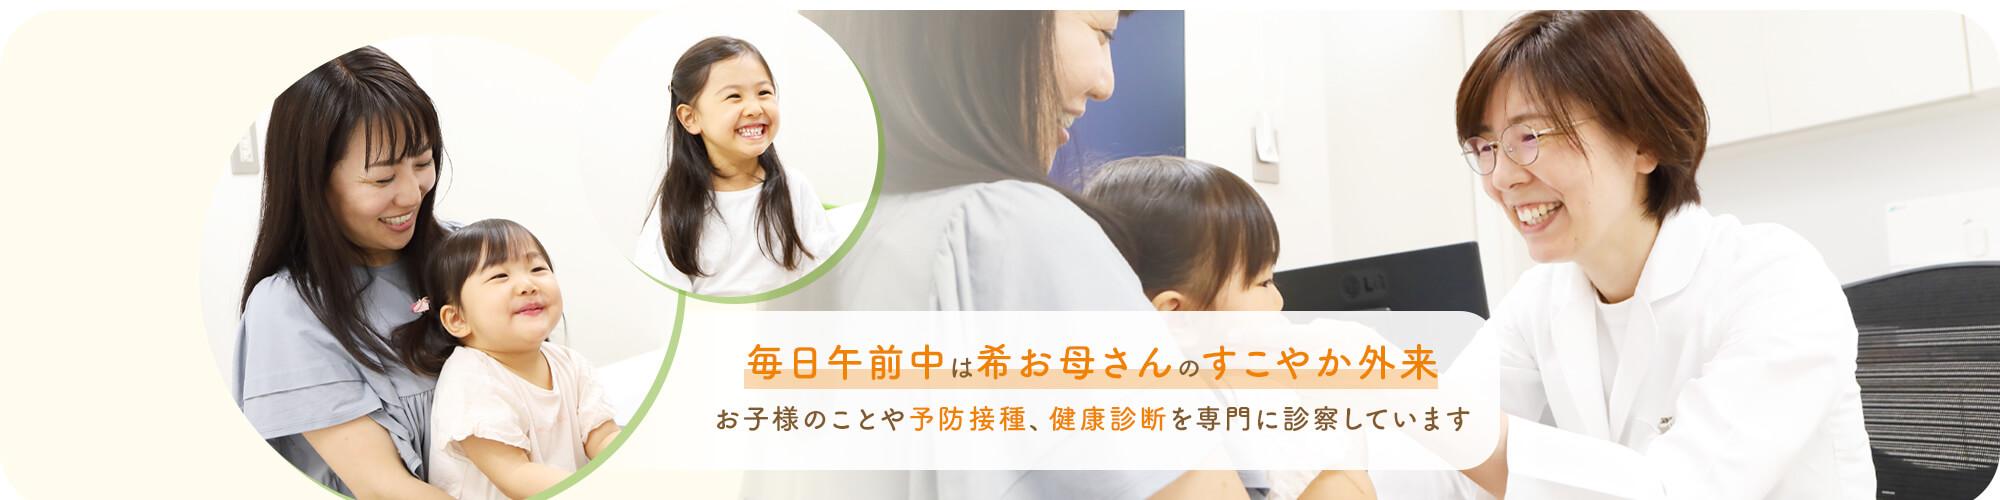 毎日午前中は希お母さんのすこやか外 お子様のことや予防接種、健康診断を専門に診察しています